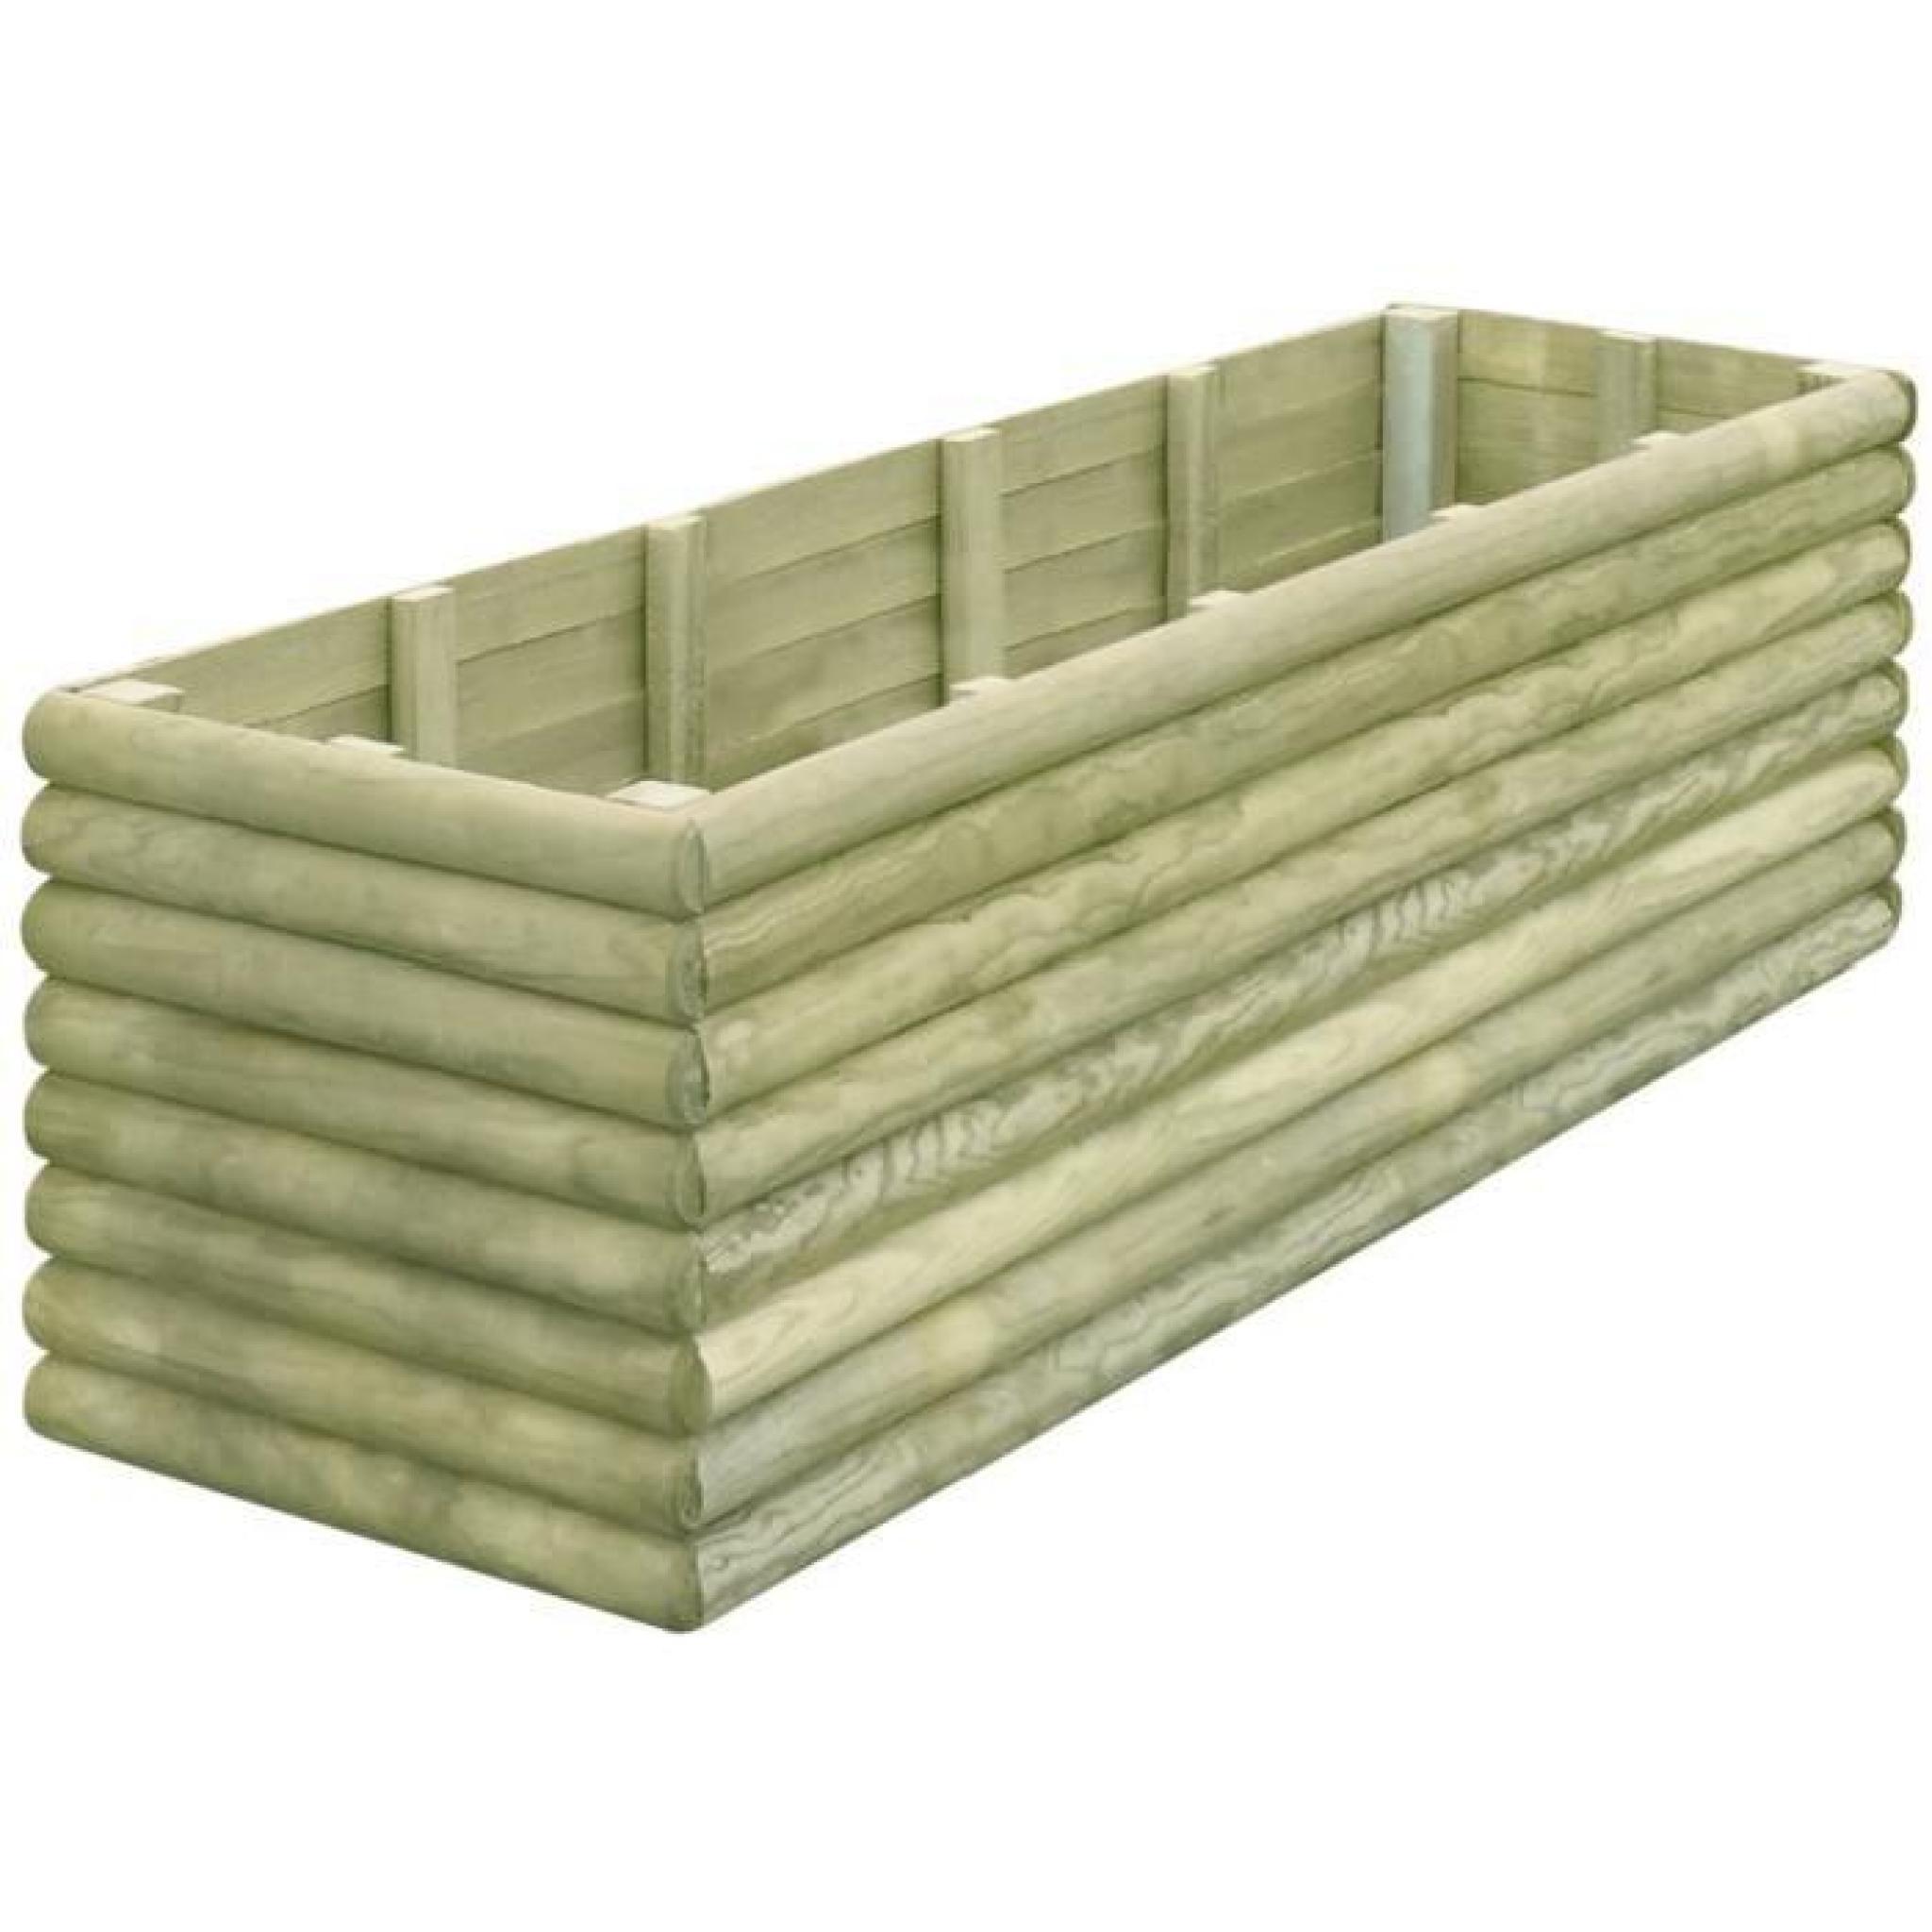 vidaxl jardini re 206x56x48 cm bois de pin impr gn achat vente jardiniere en bois pas cher. Black Bedroom Furniture Sets. Home Design Ideas